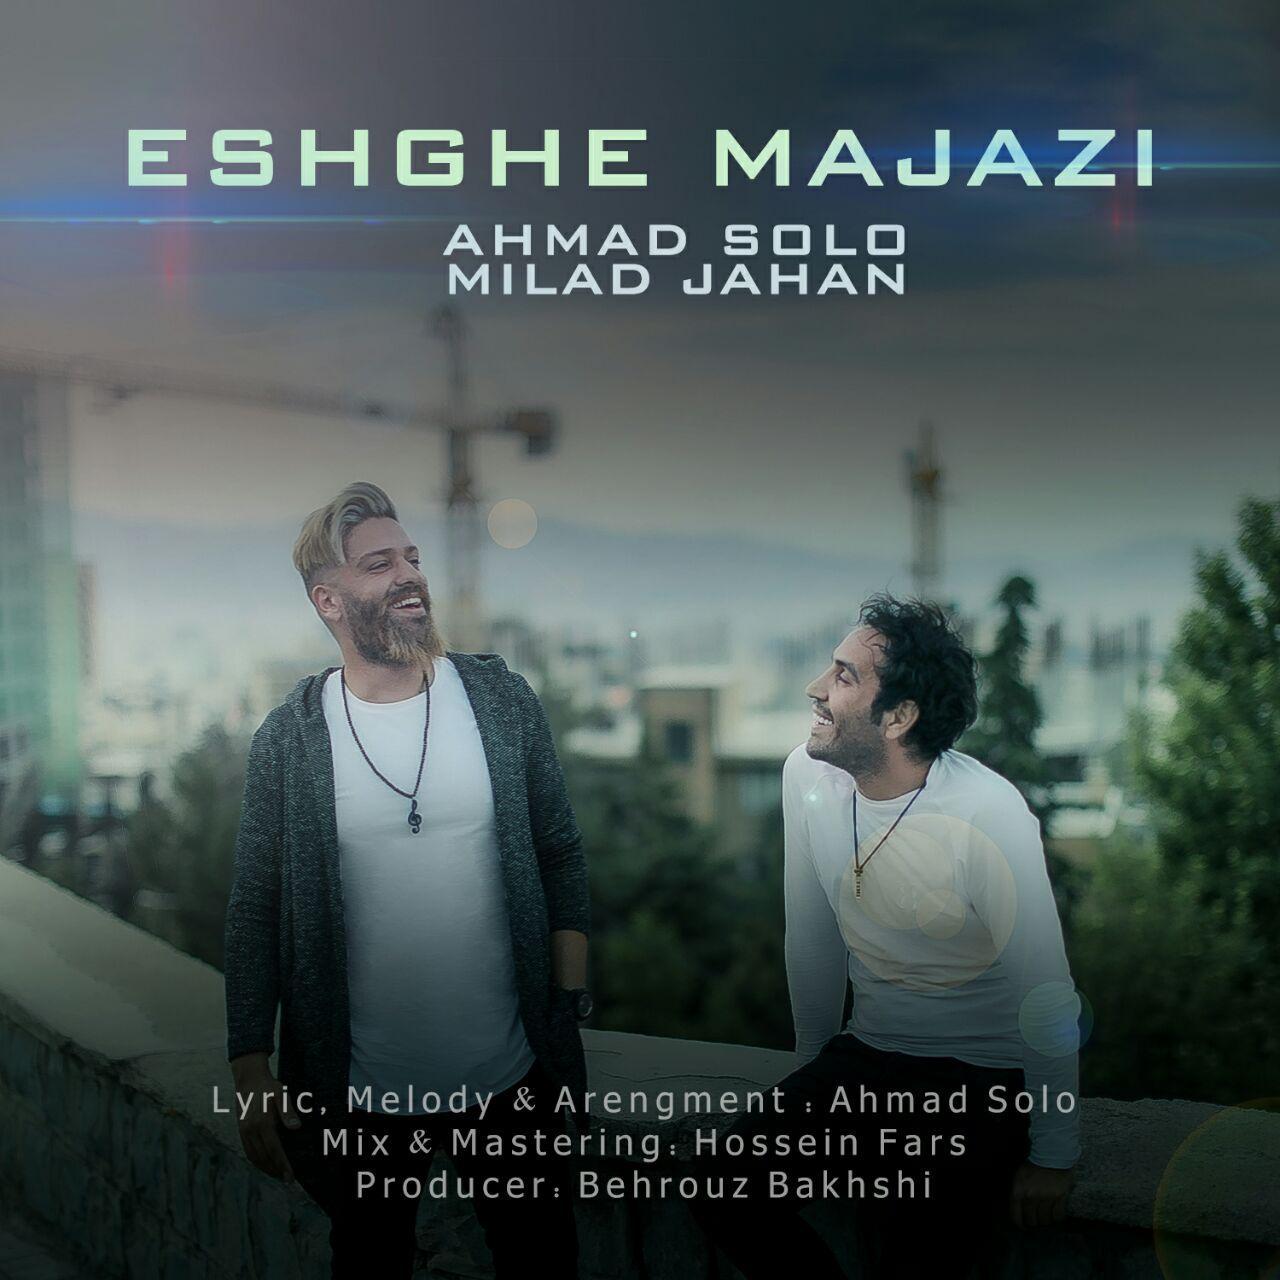 (              )   آهنگ   احمد سلو و میلاد جهان به نام عشق مجازی